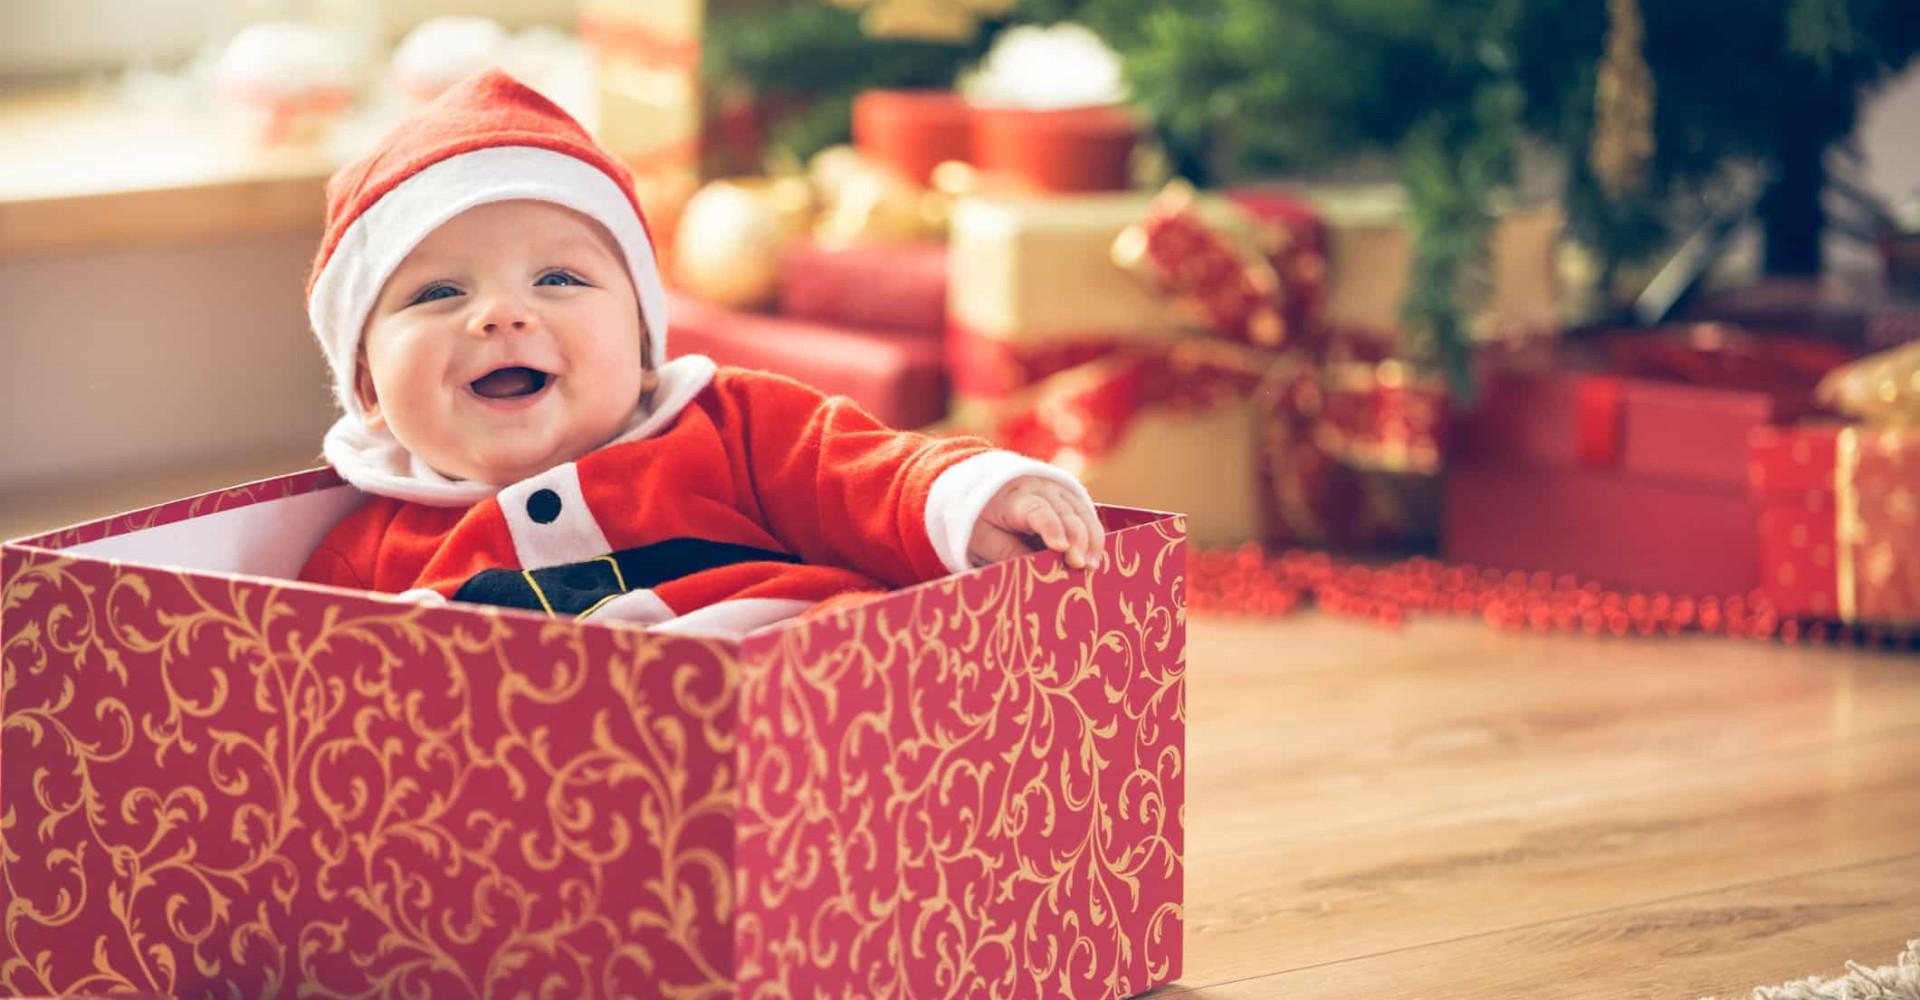 Perfekte Weihnachtsgeschenke.Perfekte Weihnachtsgeschenke Für Babys Und Frische Eltern